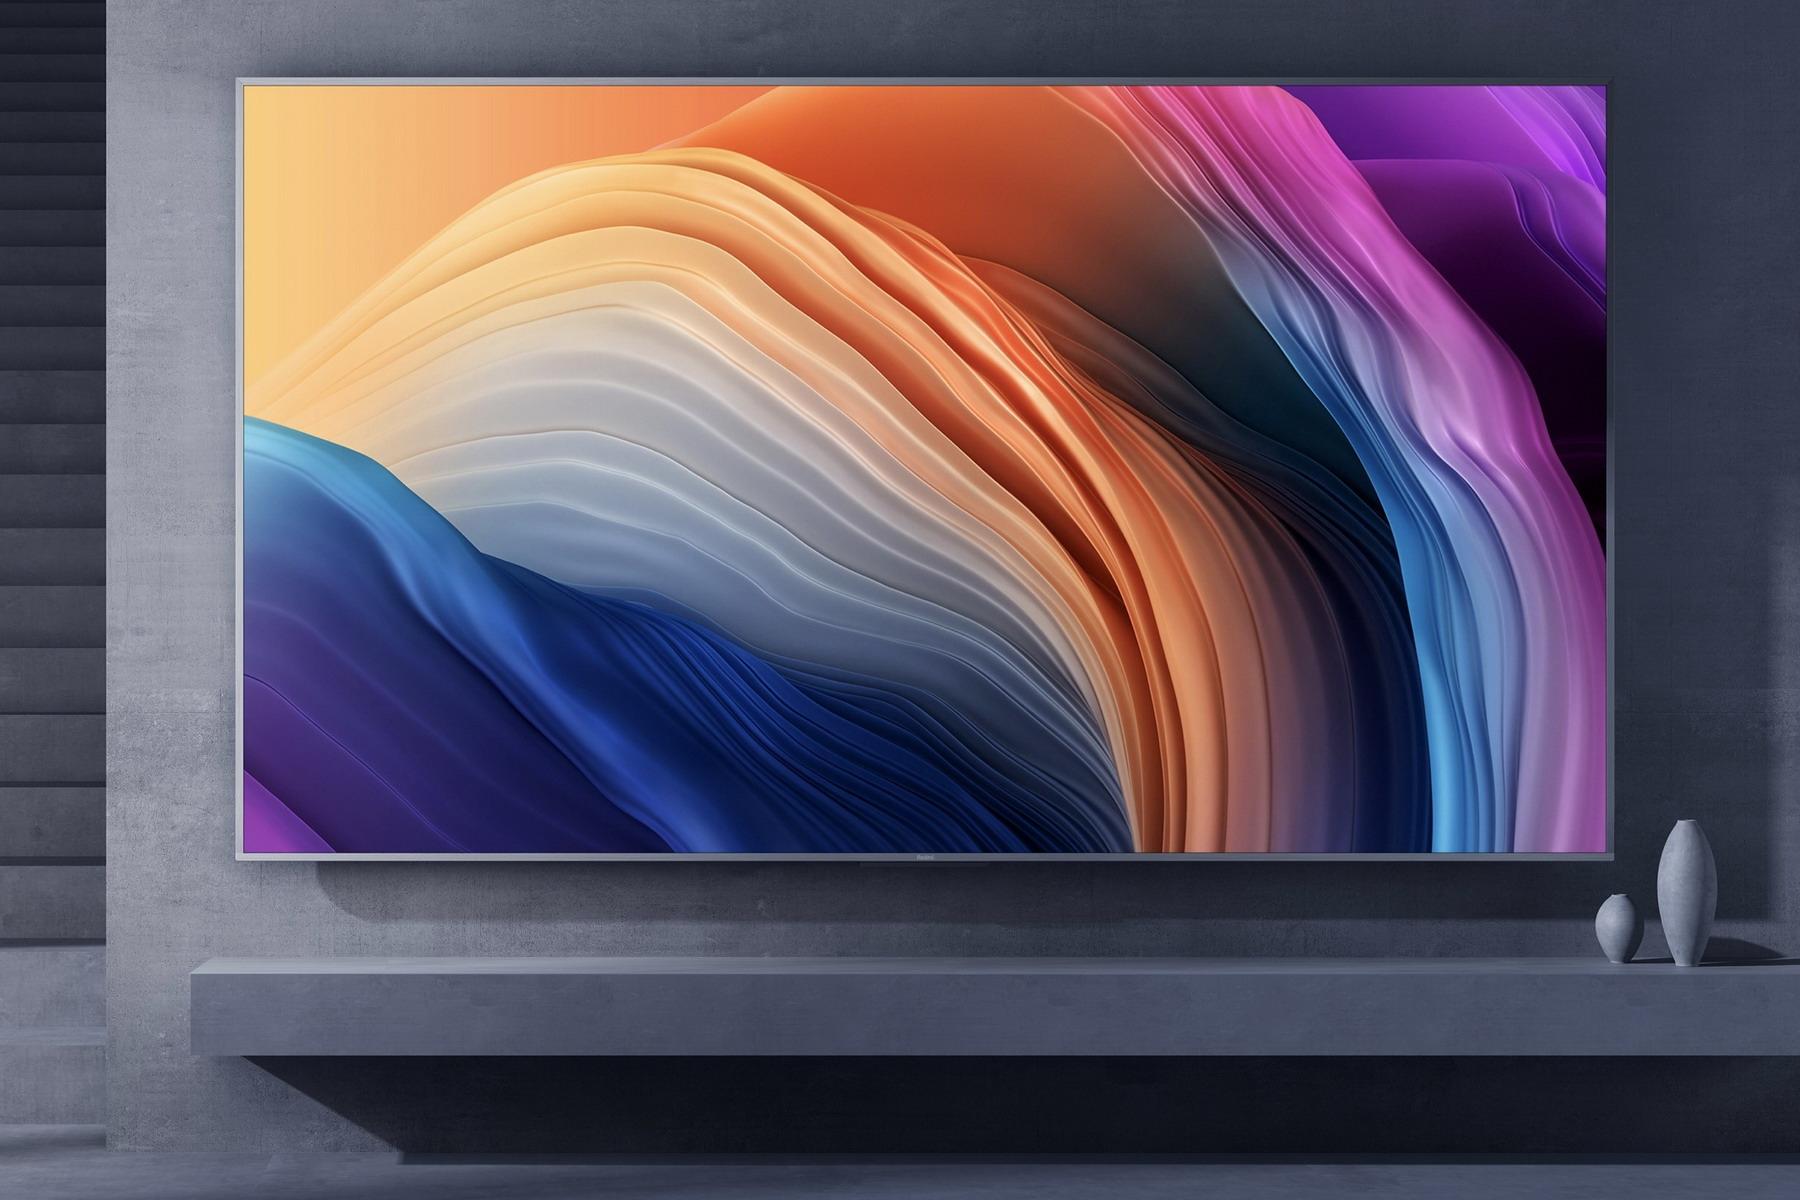 小米电视将调整零售价:原材料成本波动